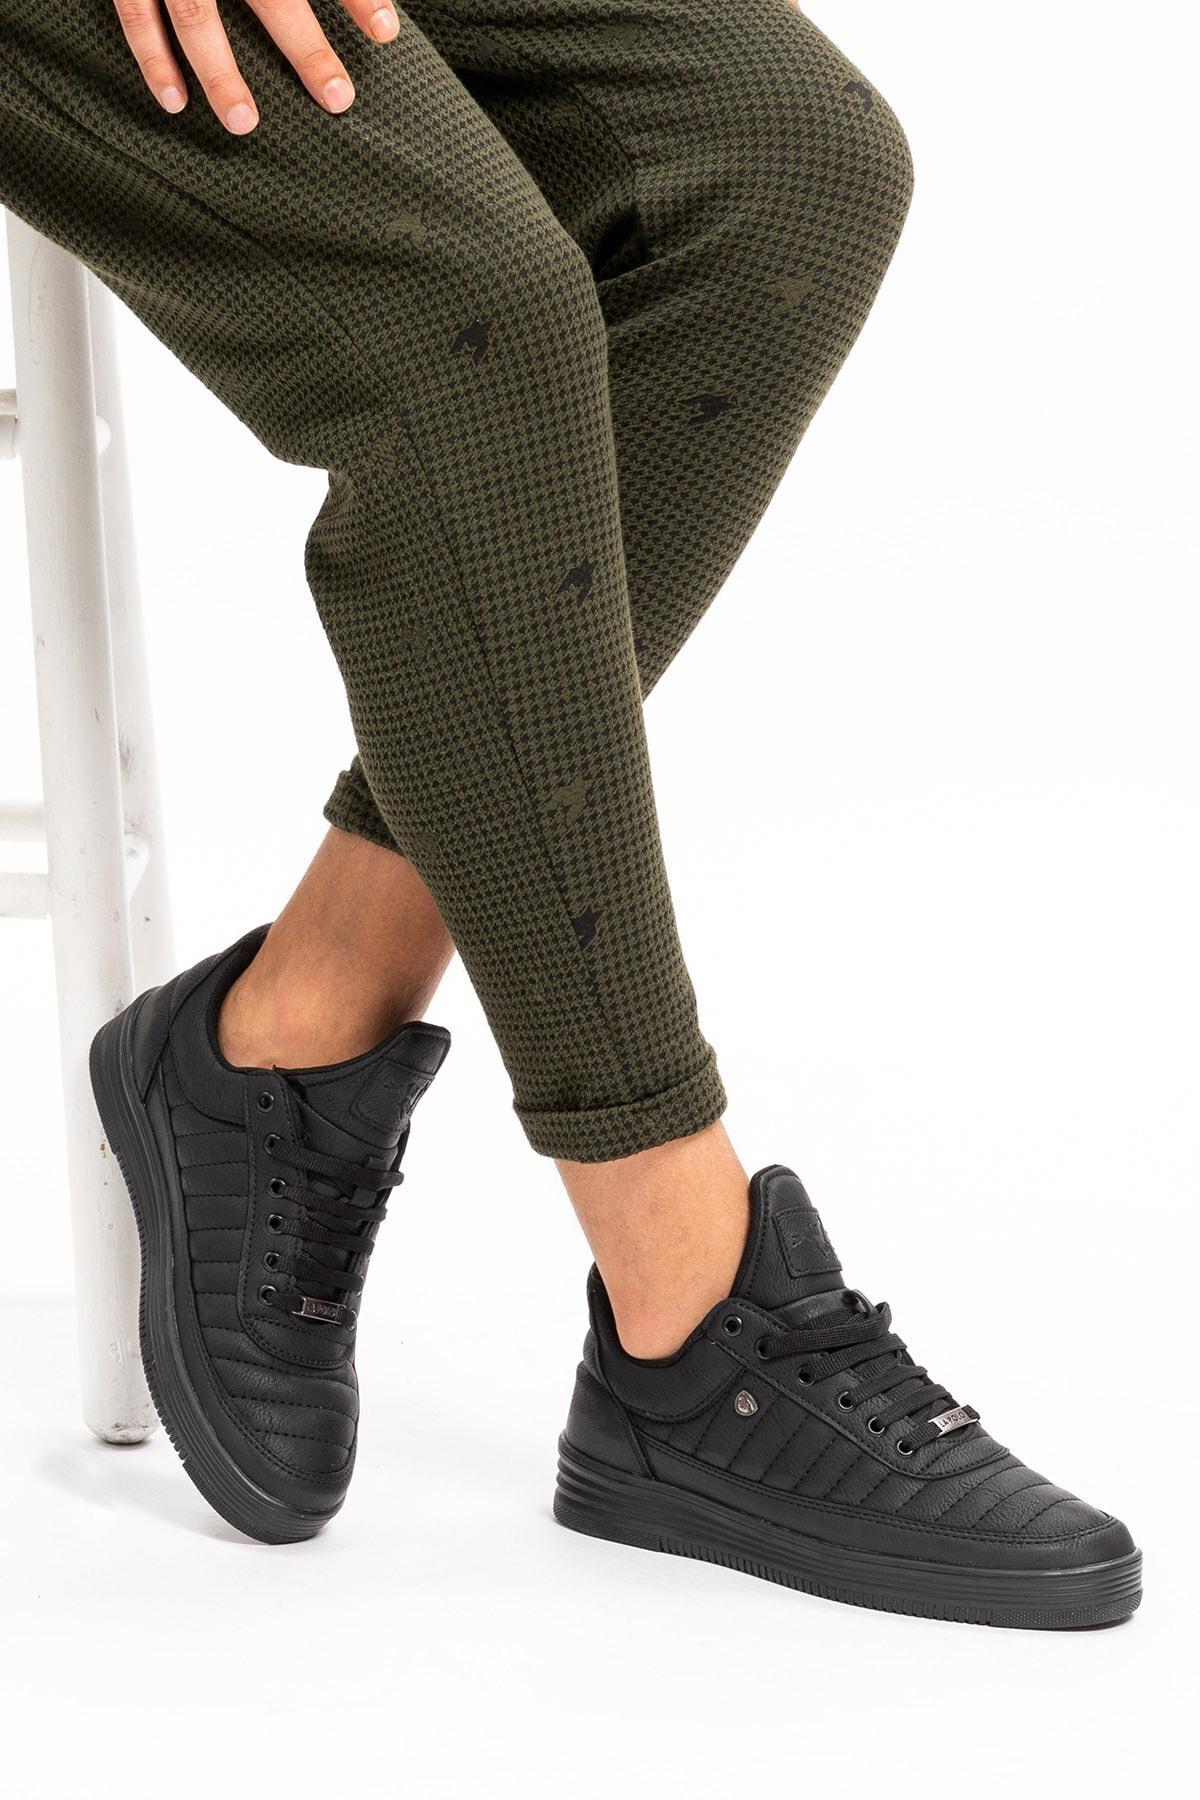 L.A Polo Erkek Siyah Sneaker Spor Ayakkabı 07 2